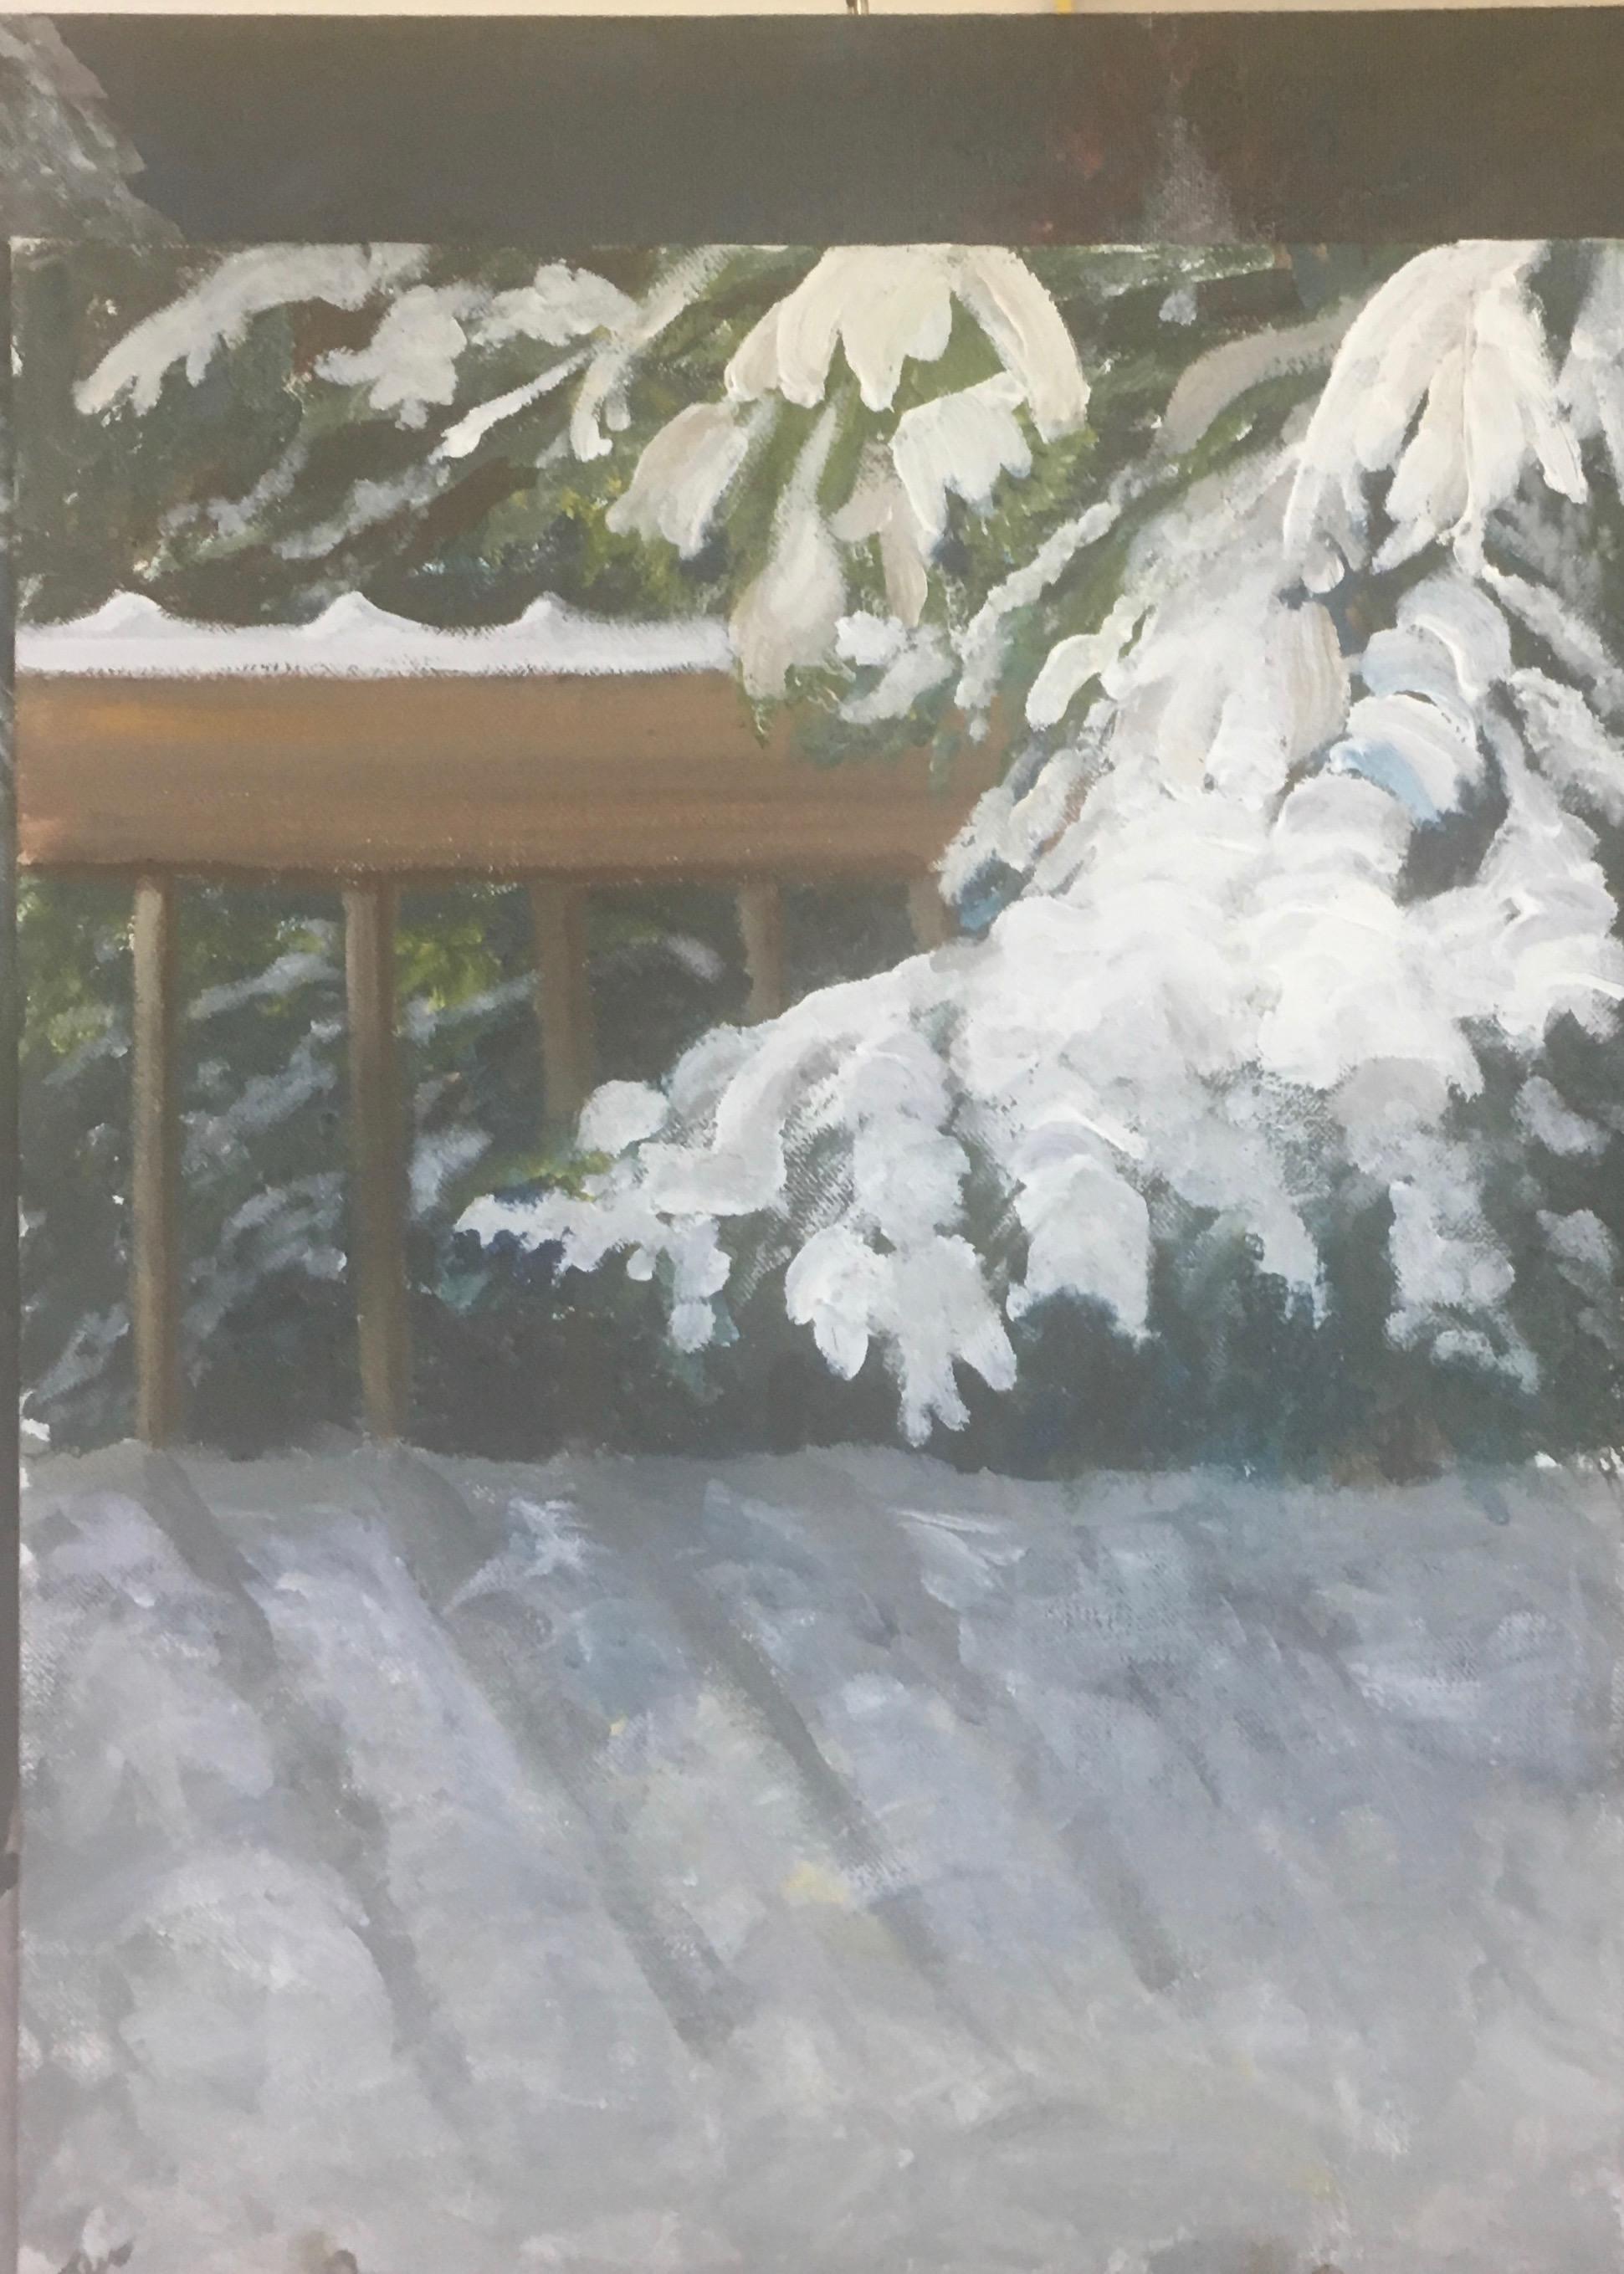 A Winter's Tale, Jan 4 - March 5